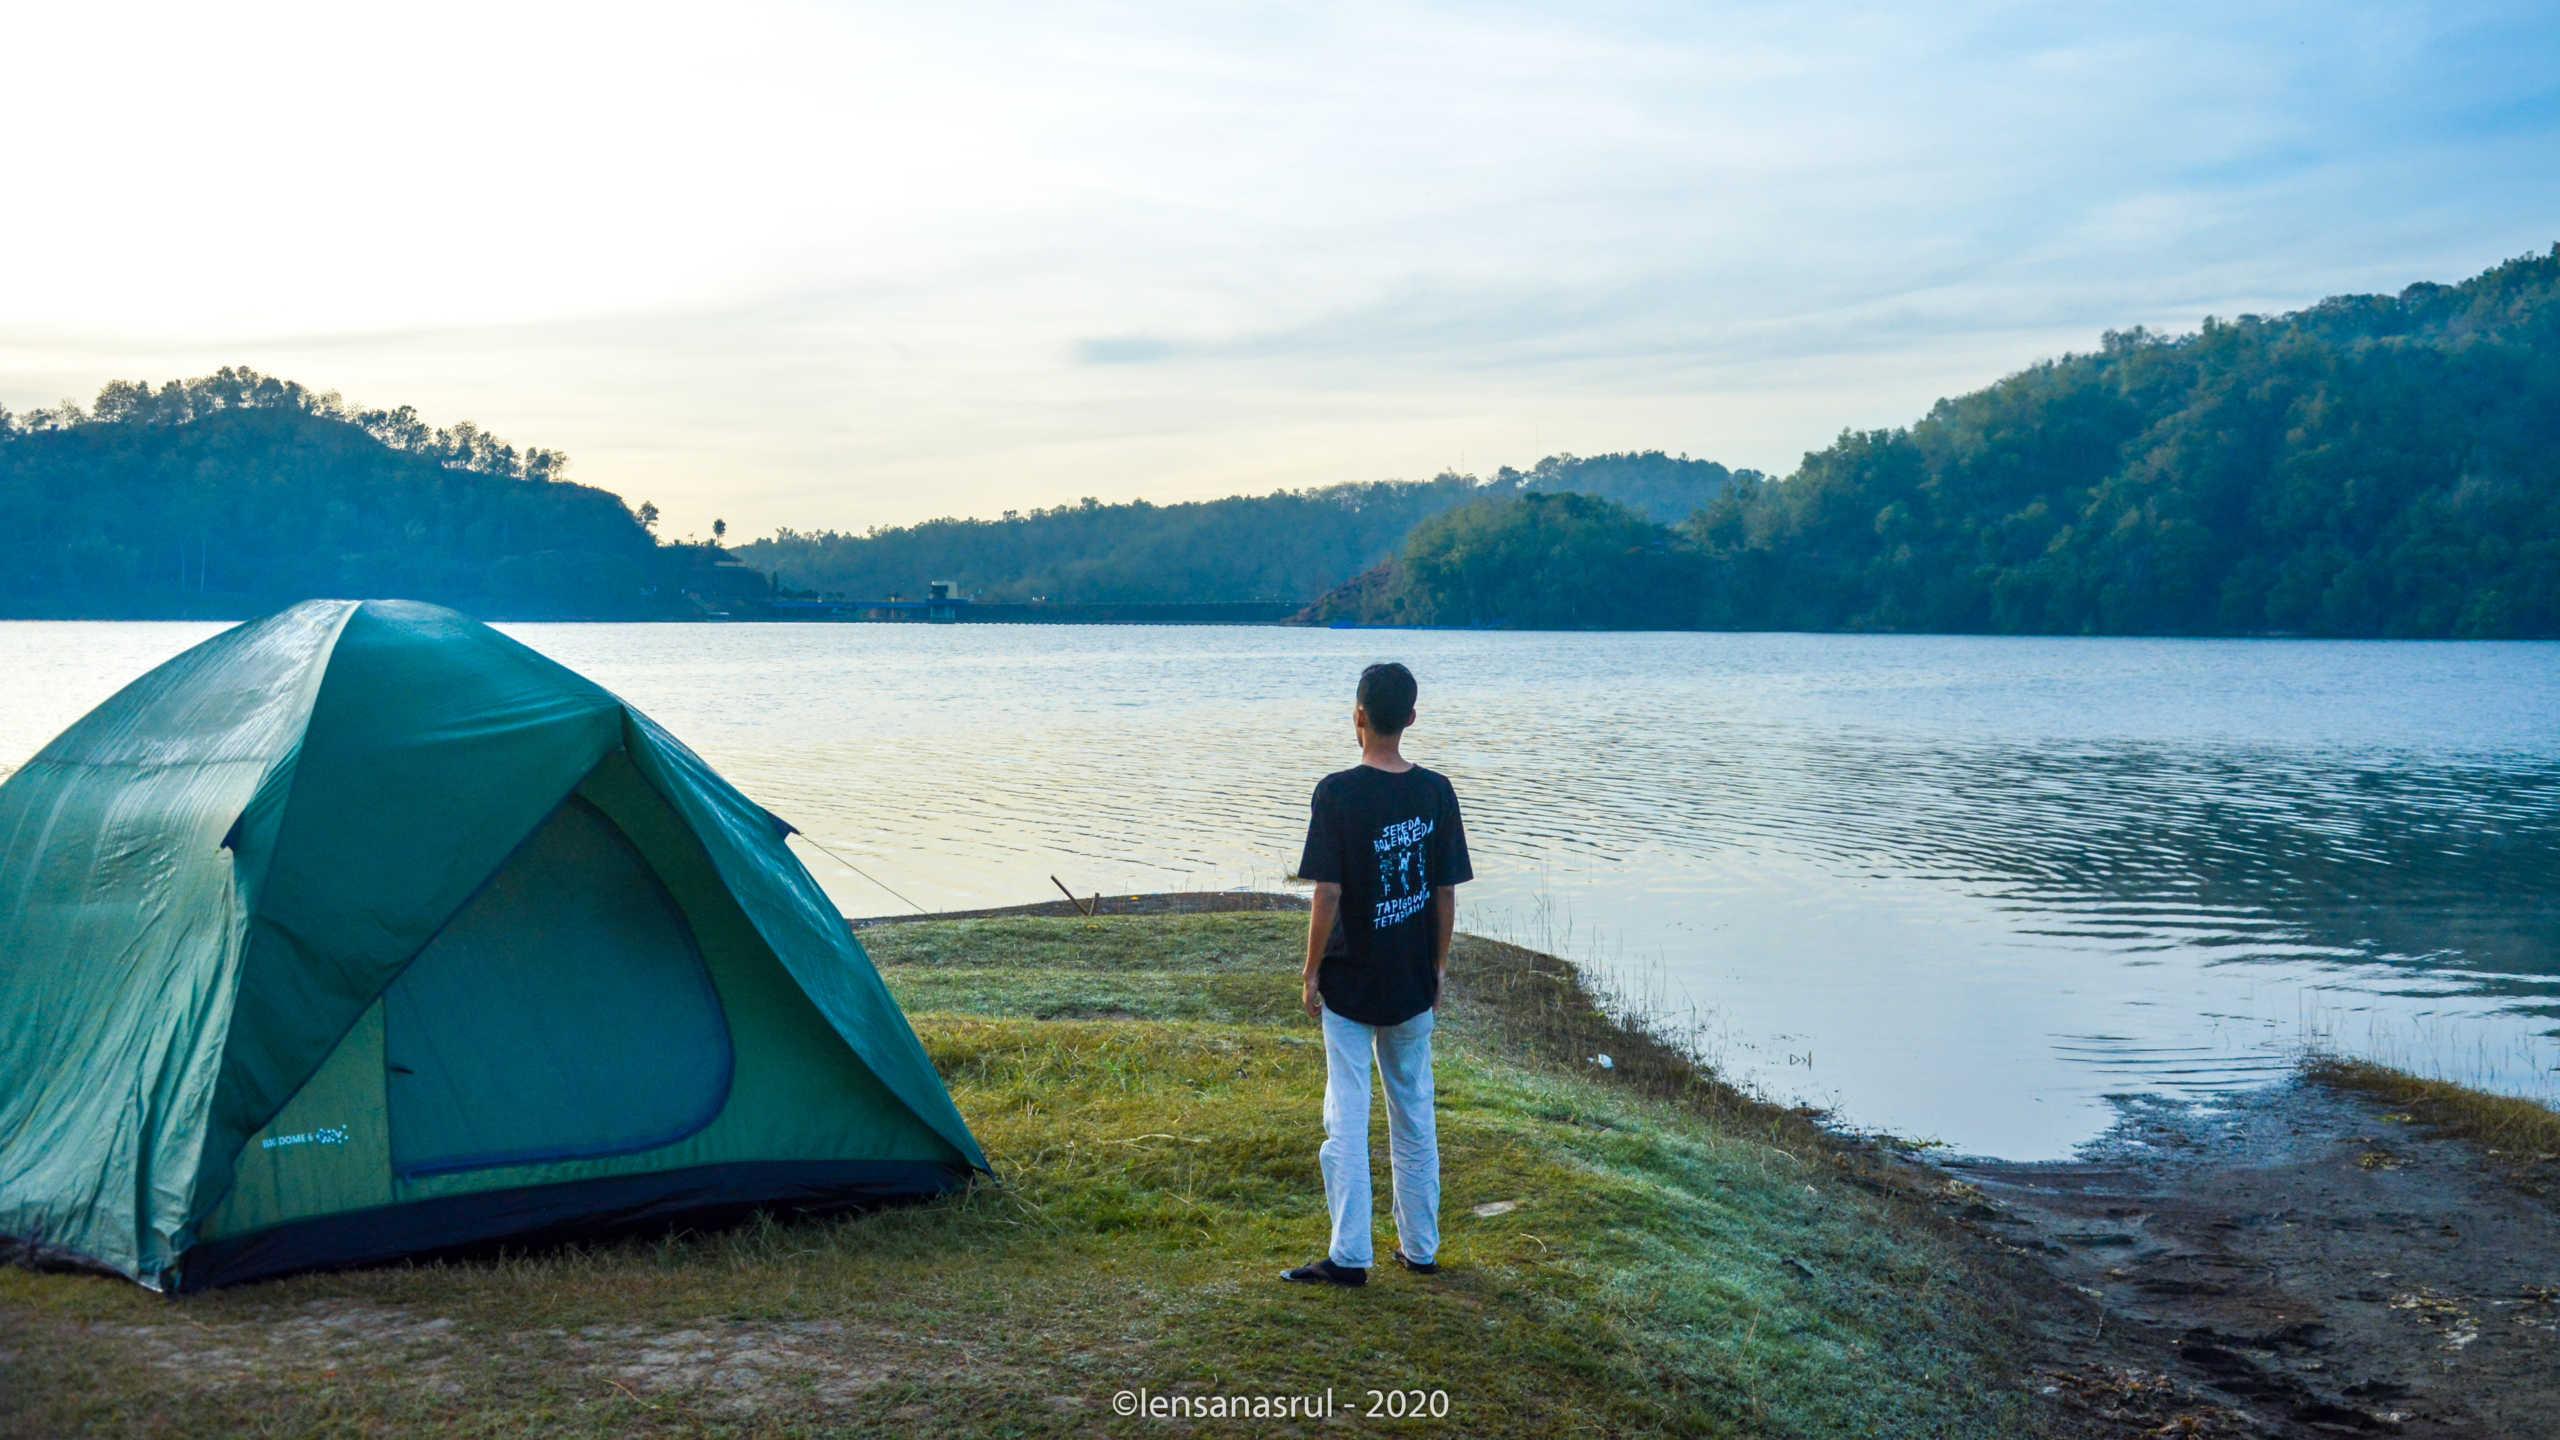 Beginilah, Camping Perdana Waduk Sermo di Musim Pandemi Covid-19